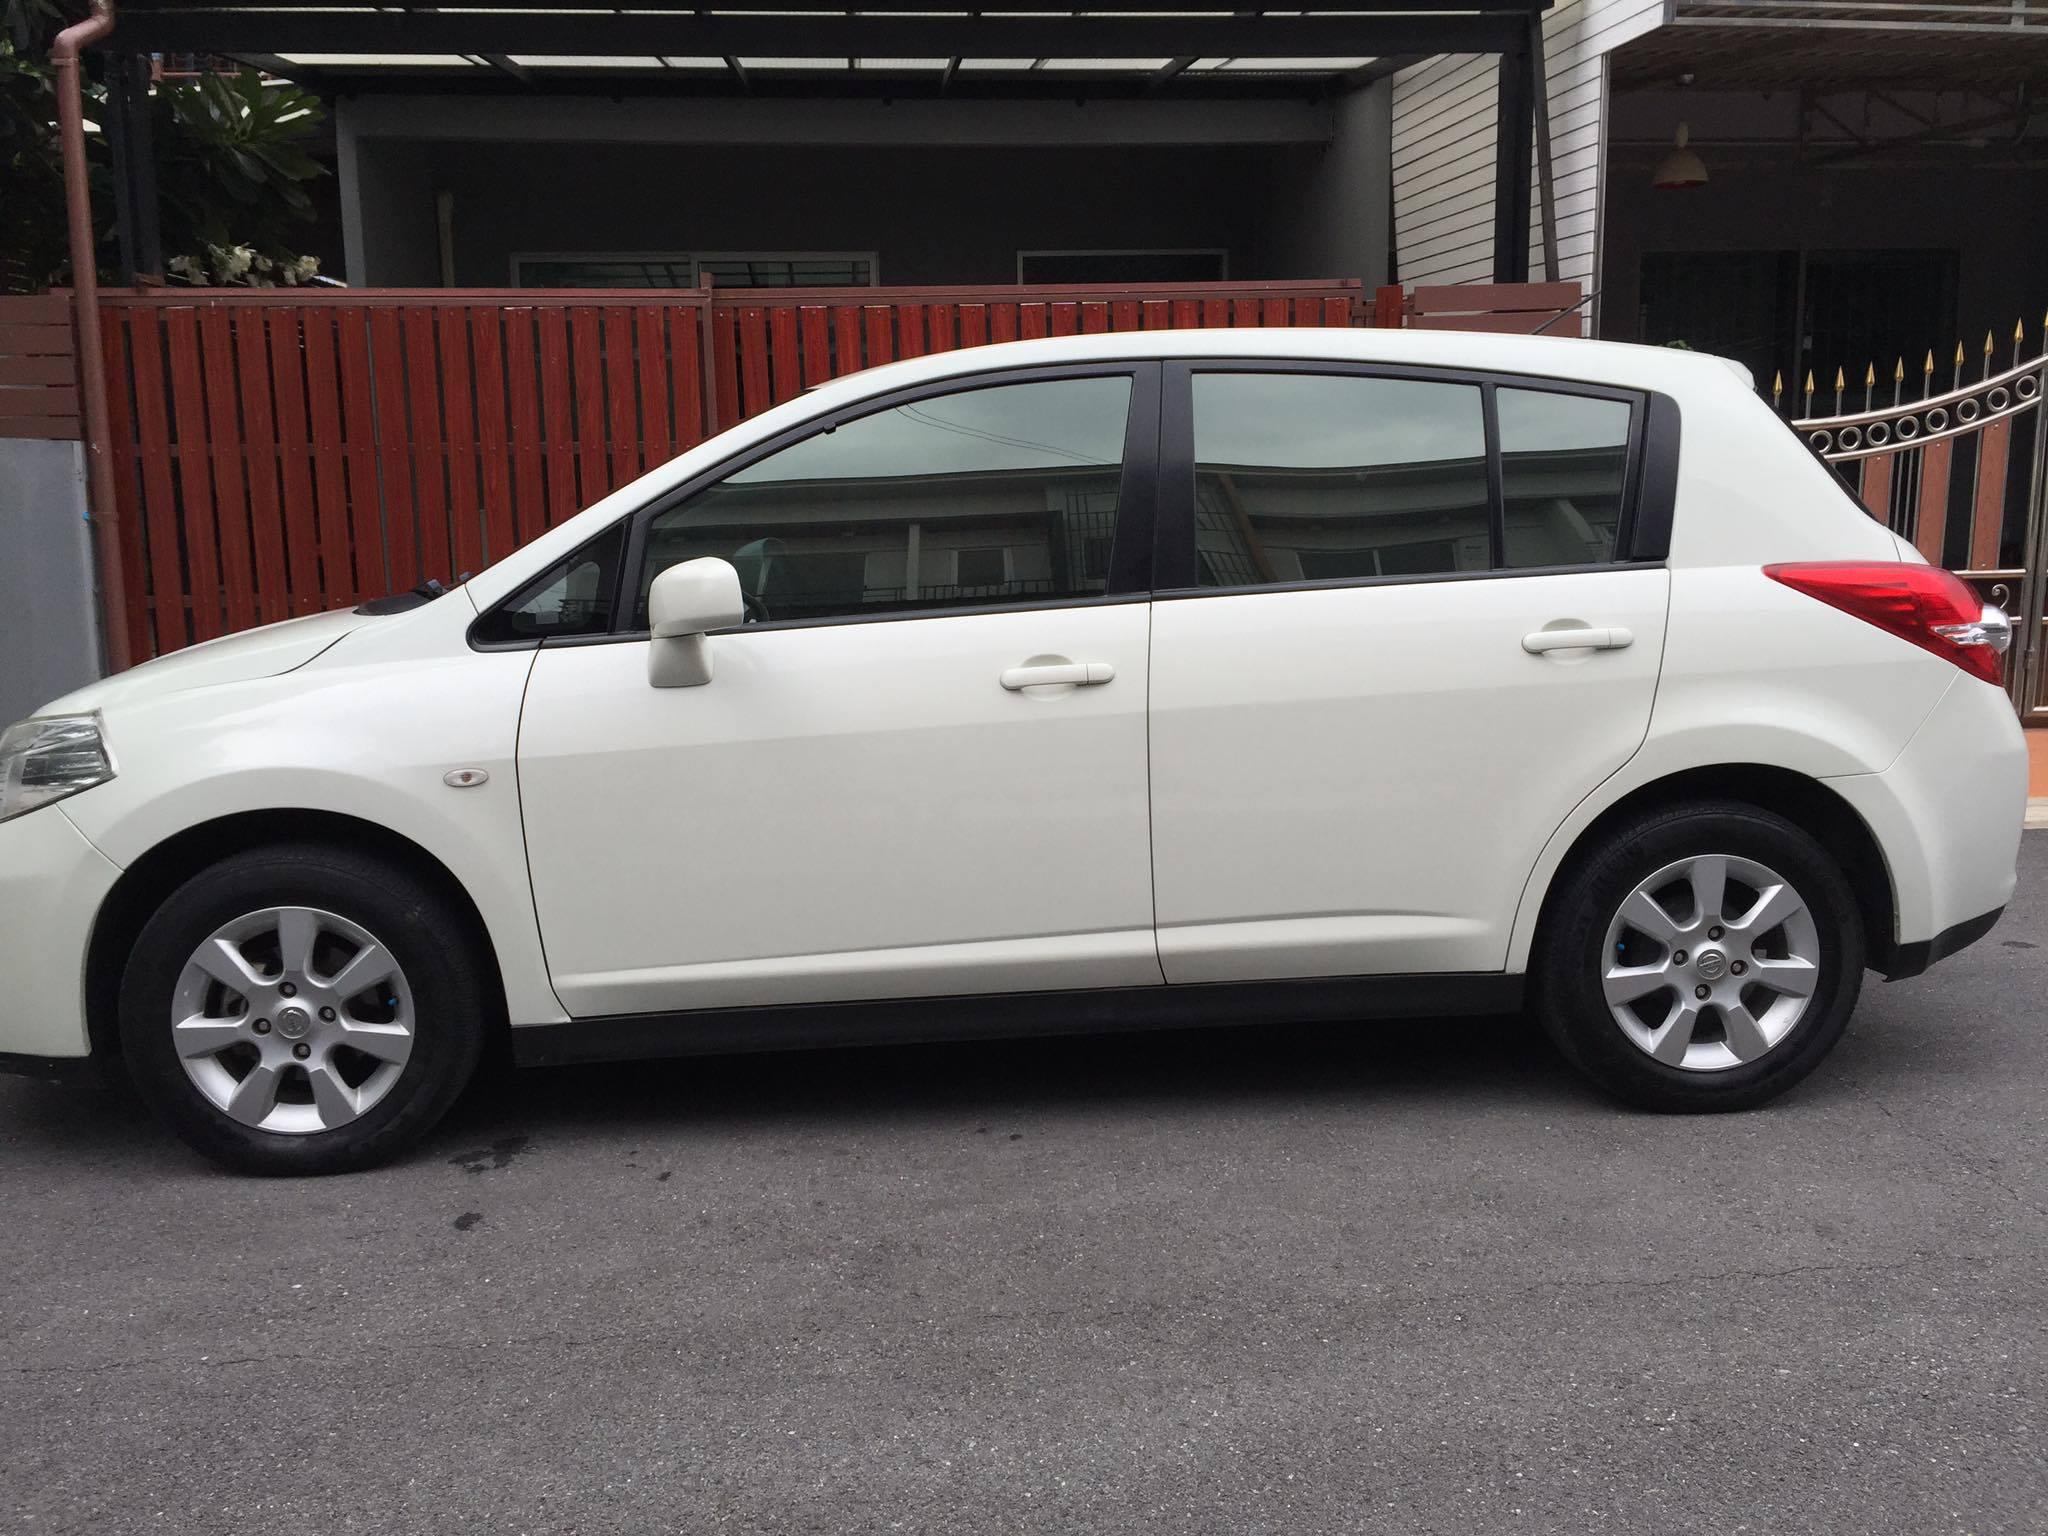 ฟรีดาวน์ Nissan Tida1.6 G 5ประตู ออโต้ สีขาวมุก รุ่นท๊อป มือแรกป้ายแดง ผ่อน 6,117x72งวด ติดแบล็กลิสสามารถจัดได้ รับเทริน์รถเก่าให้ราคาดี